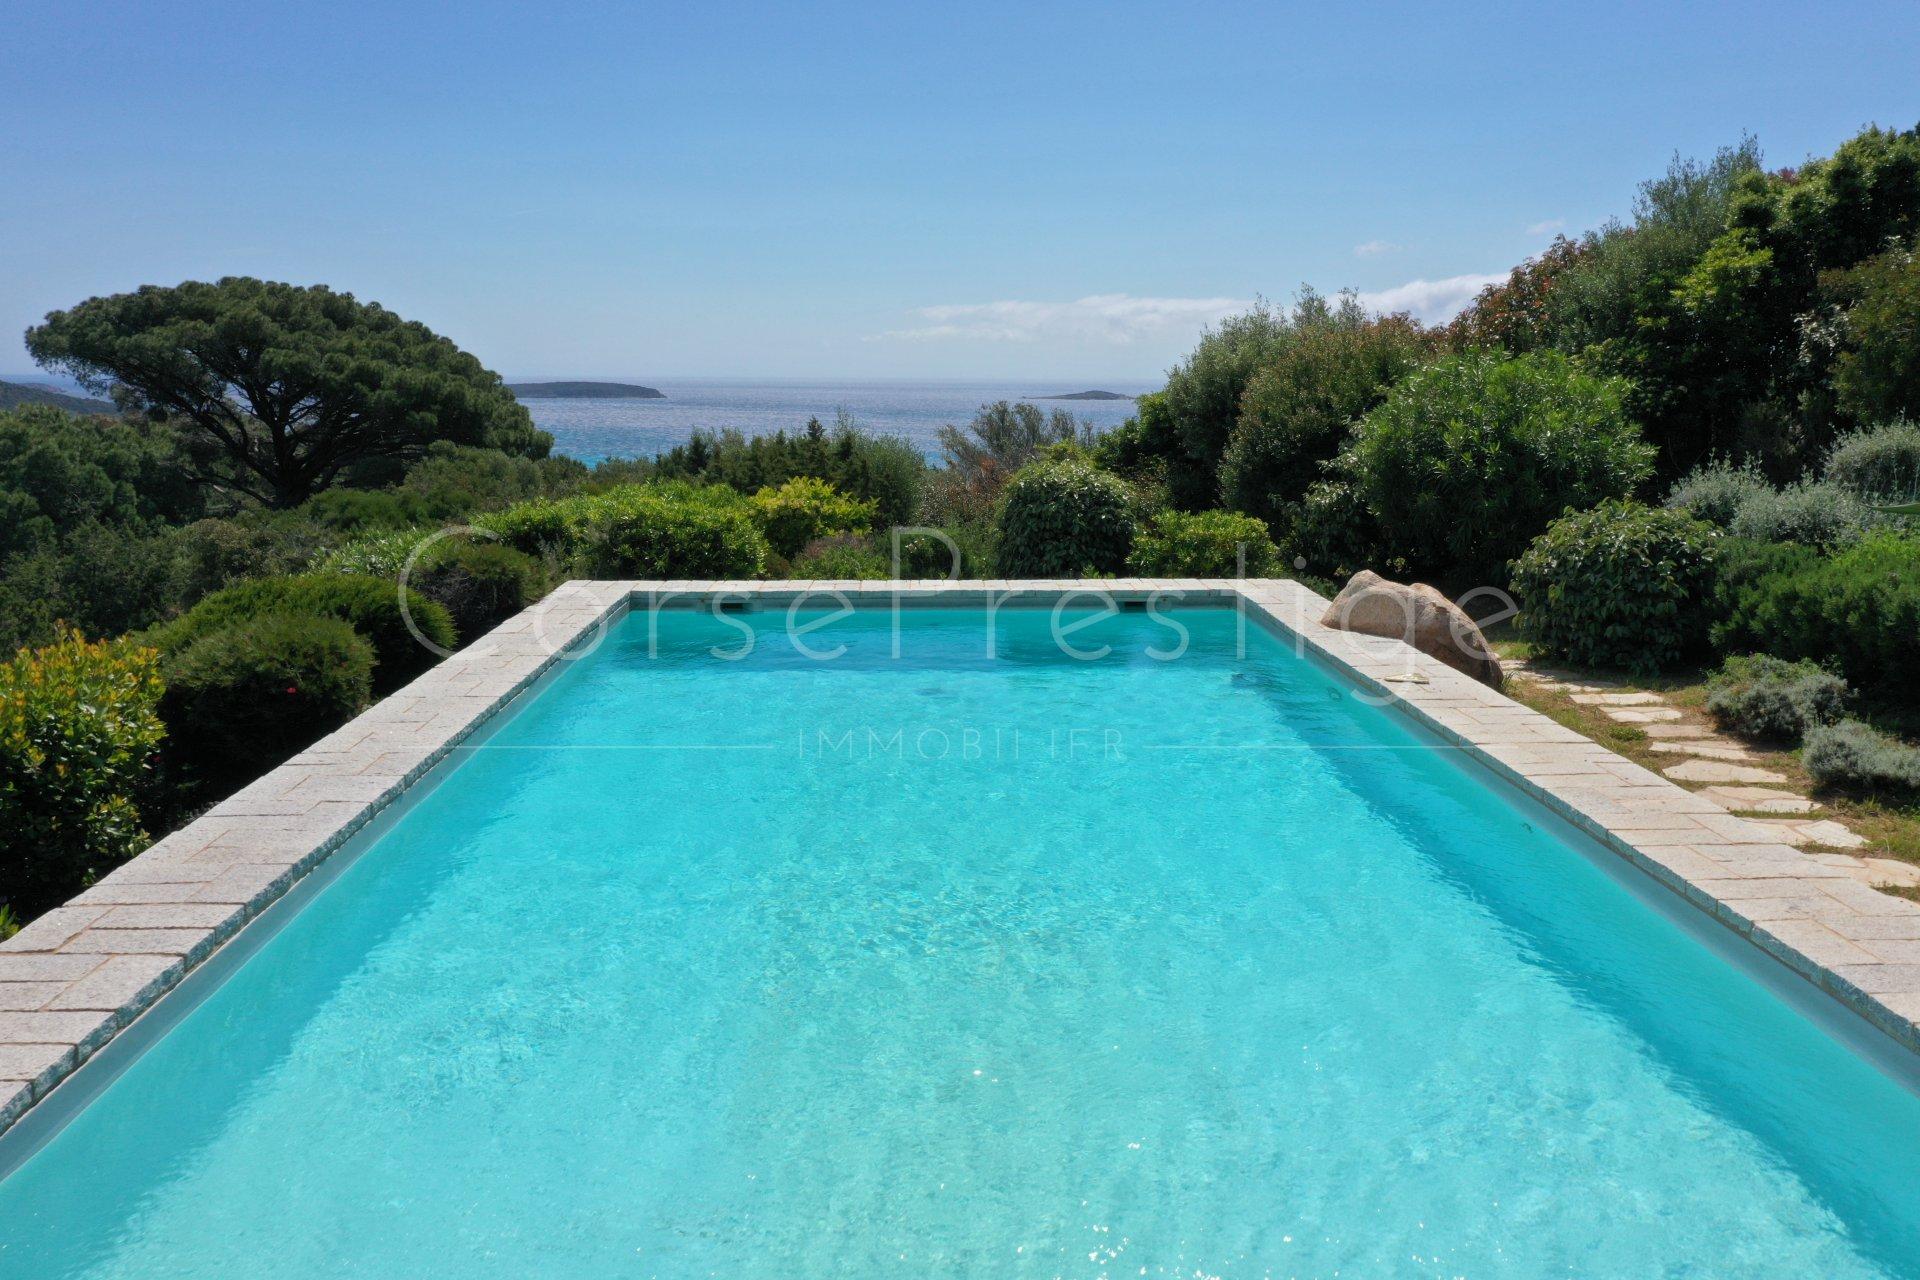 luxury villa for rent in corsica - porto vecchio - palombaggia image4